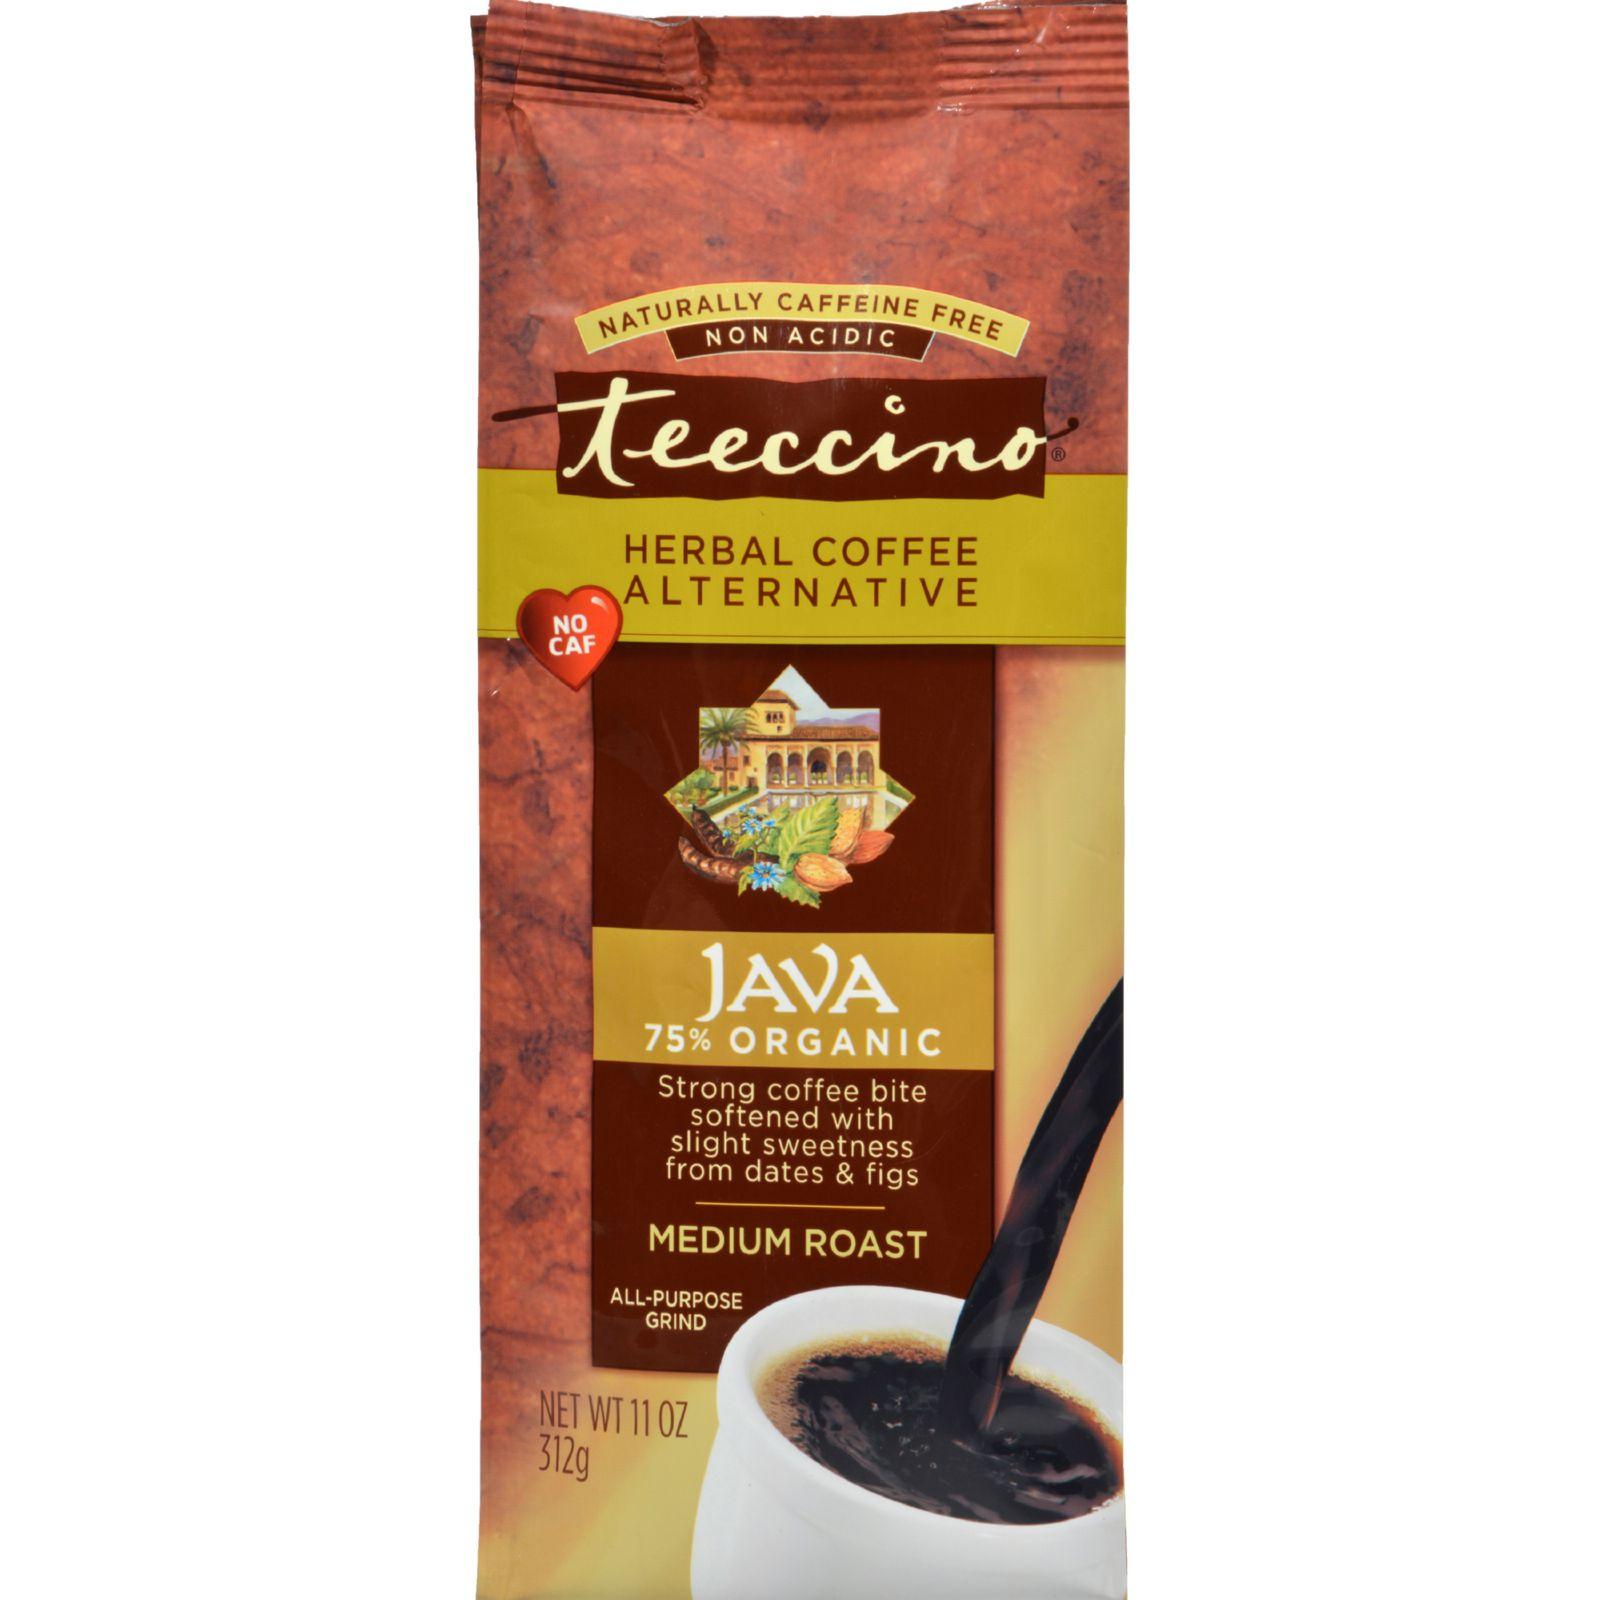 Java herbal